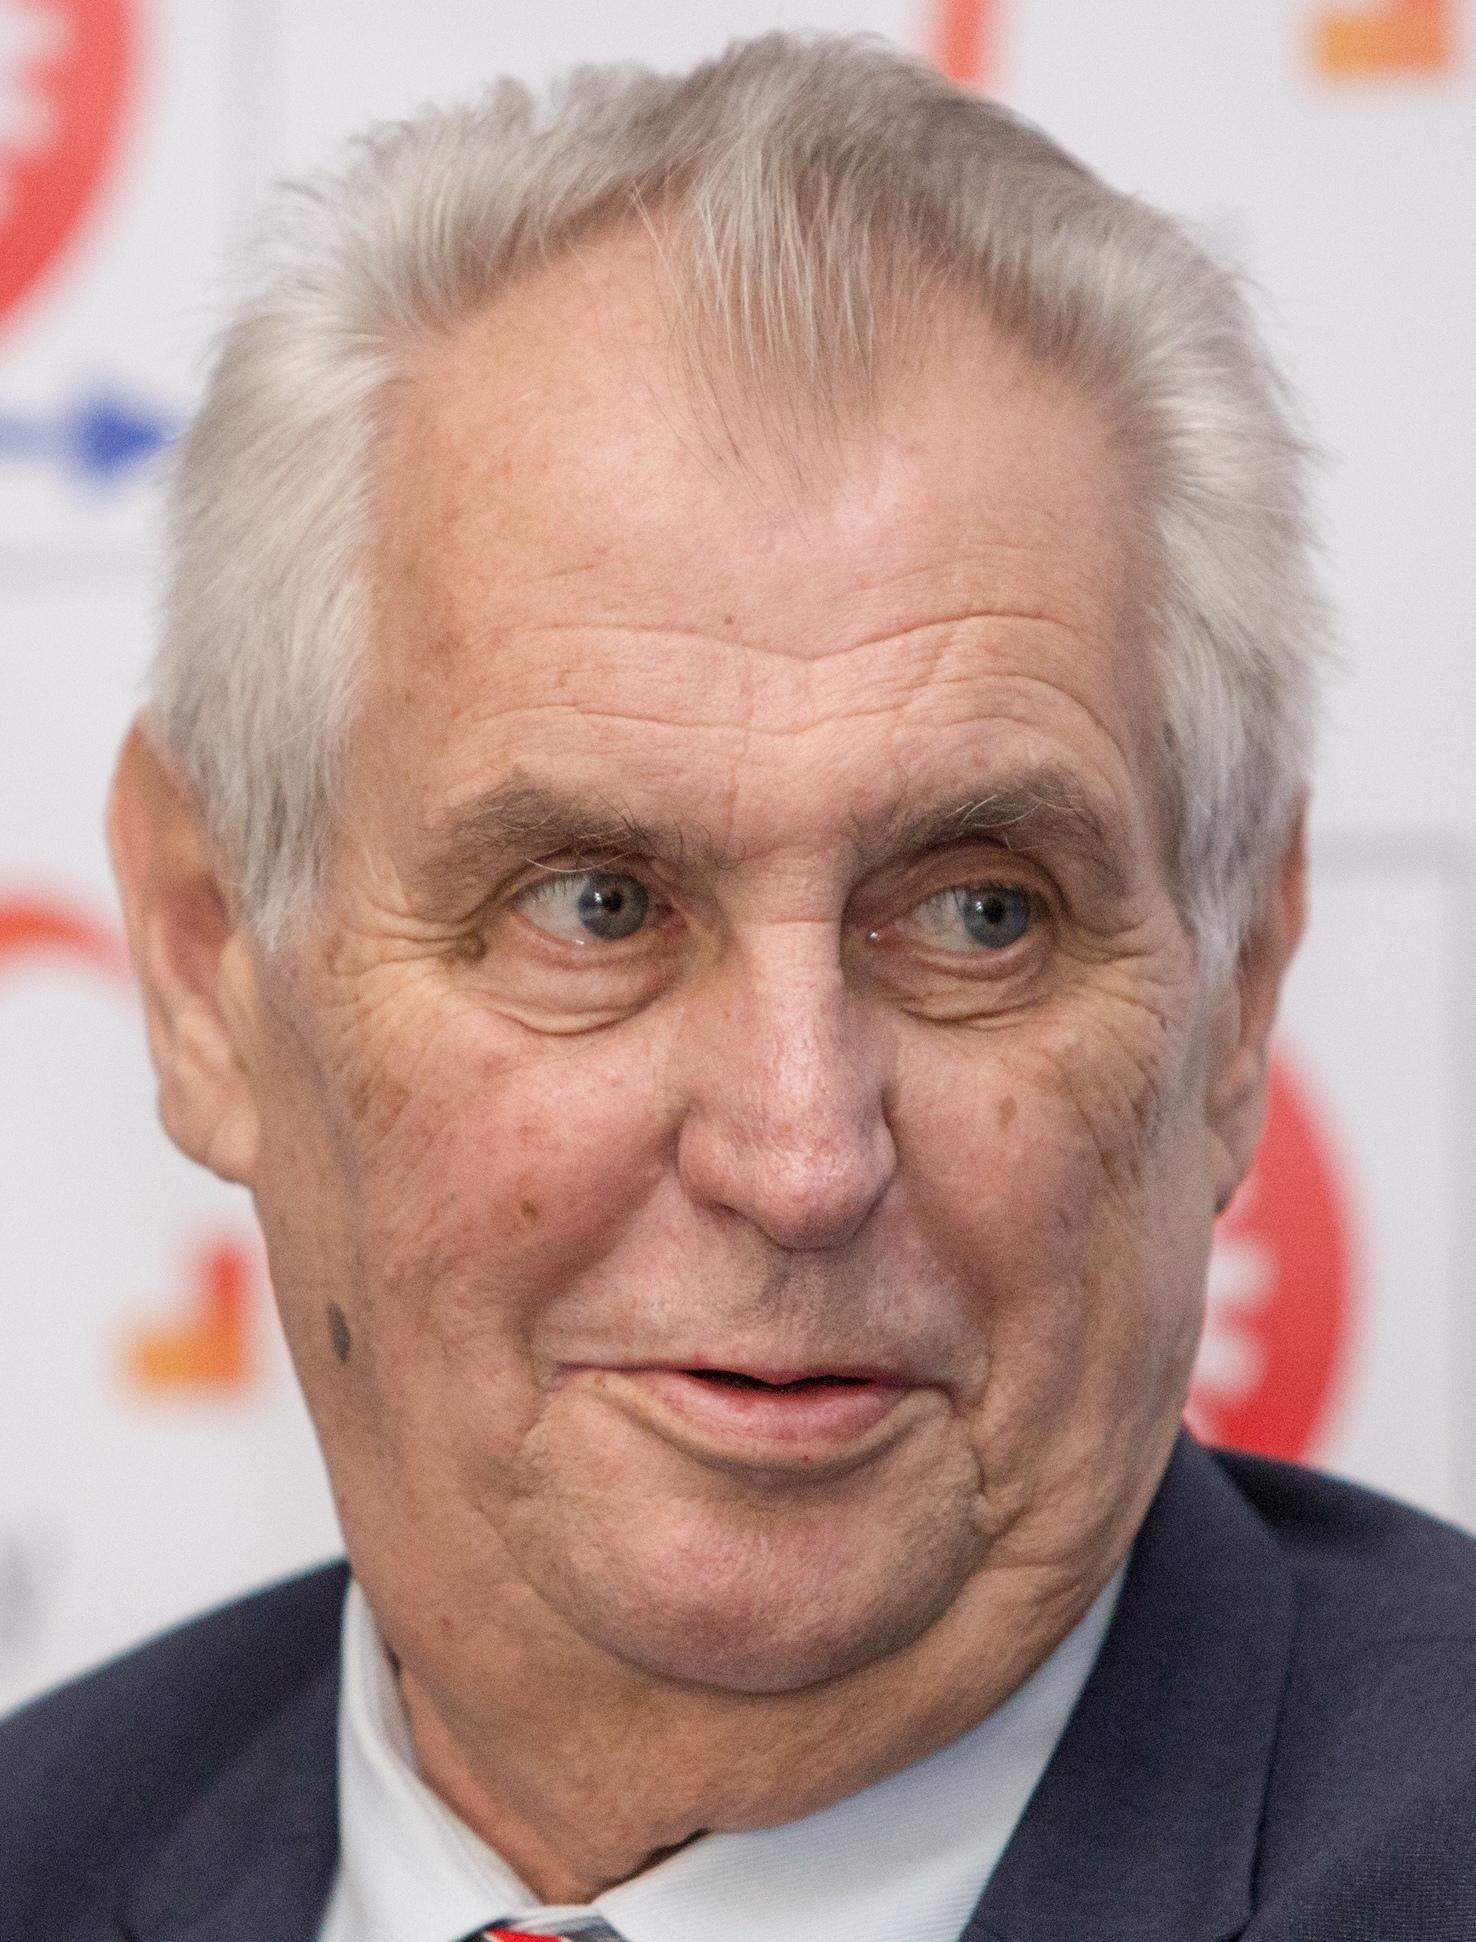 Czech president Zeman, predecessor Klaus hospitalised